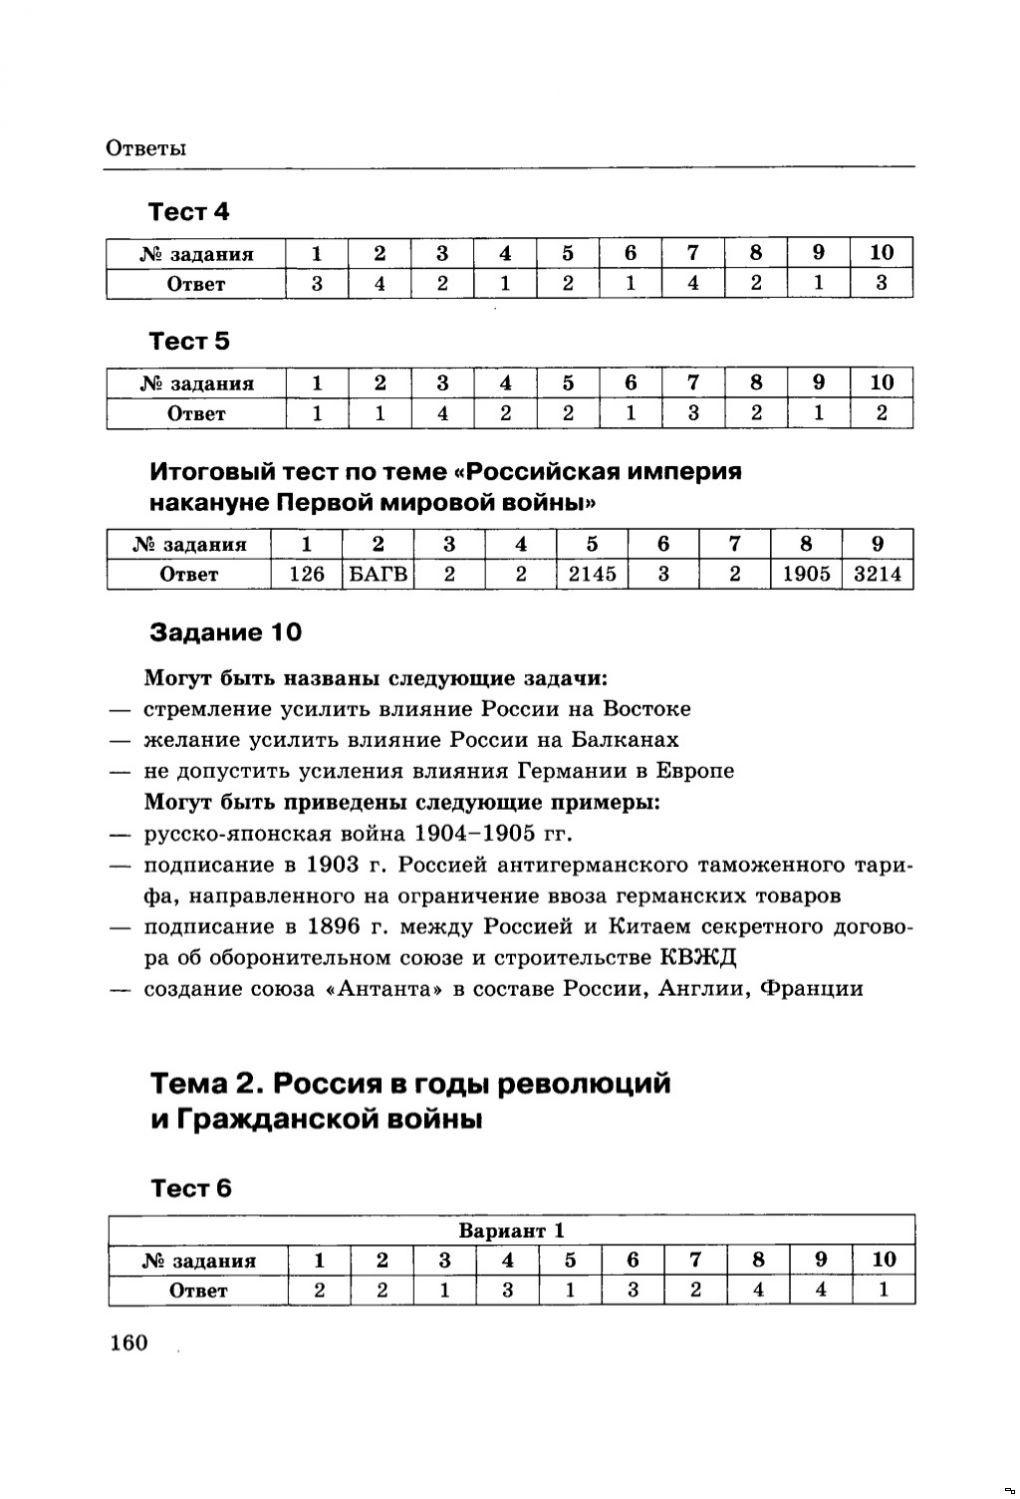 Найти план урока по мокшанскому языку по теме осень в 3 классе